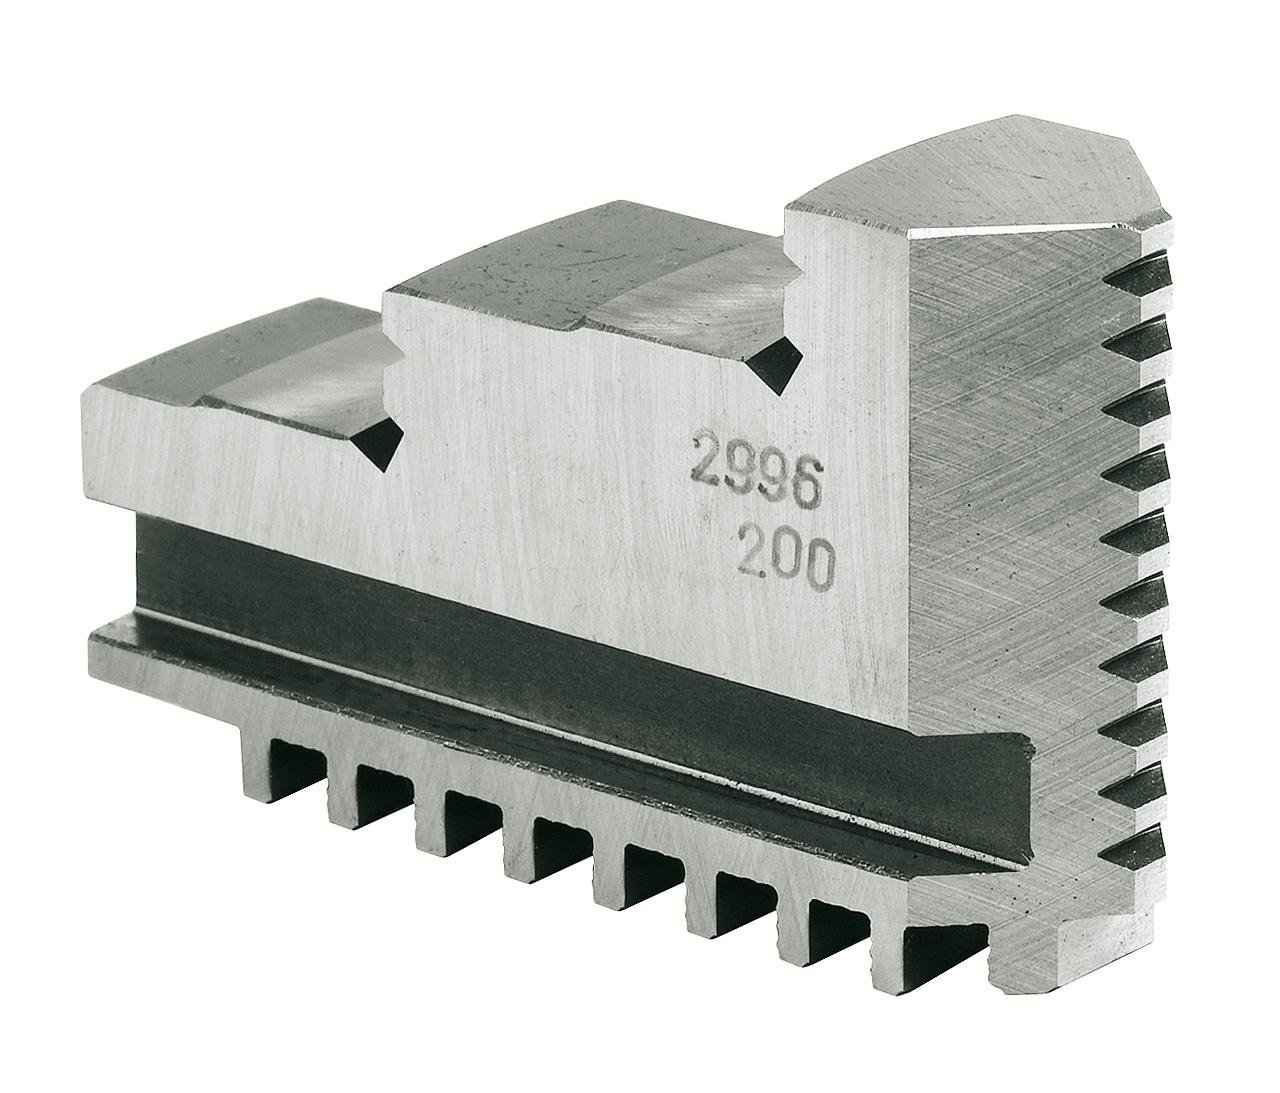 Szczęki jednolite twarde zewnętrzne - komplet OJ-PS3-250 BERNARDO